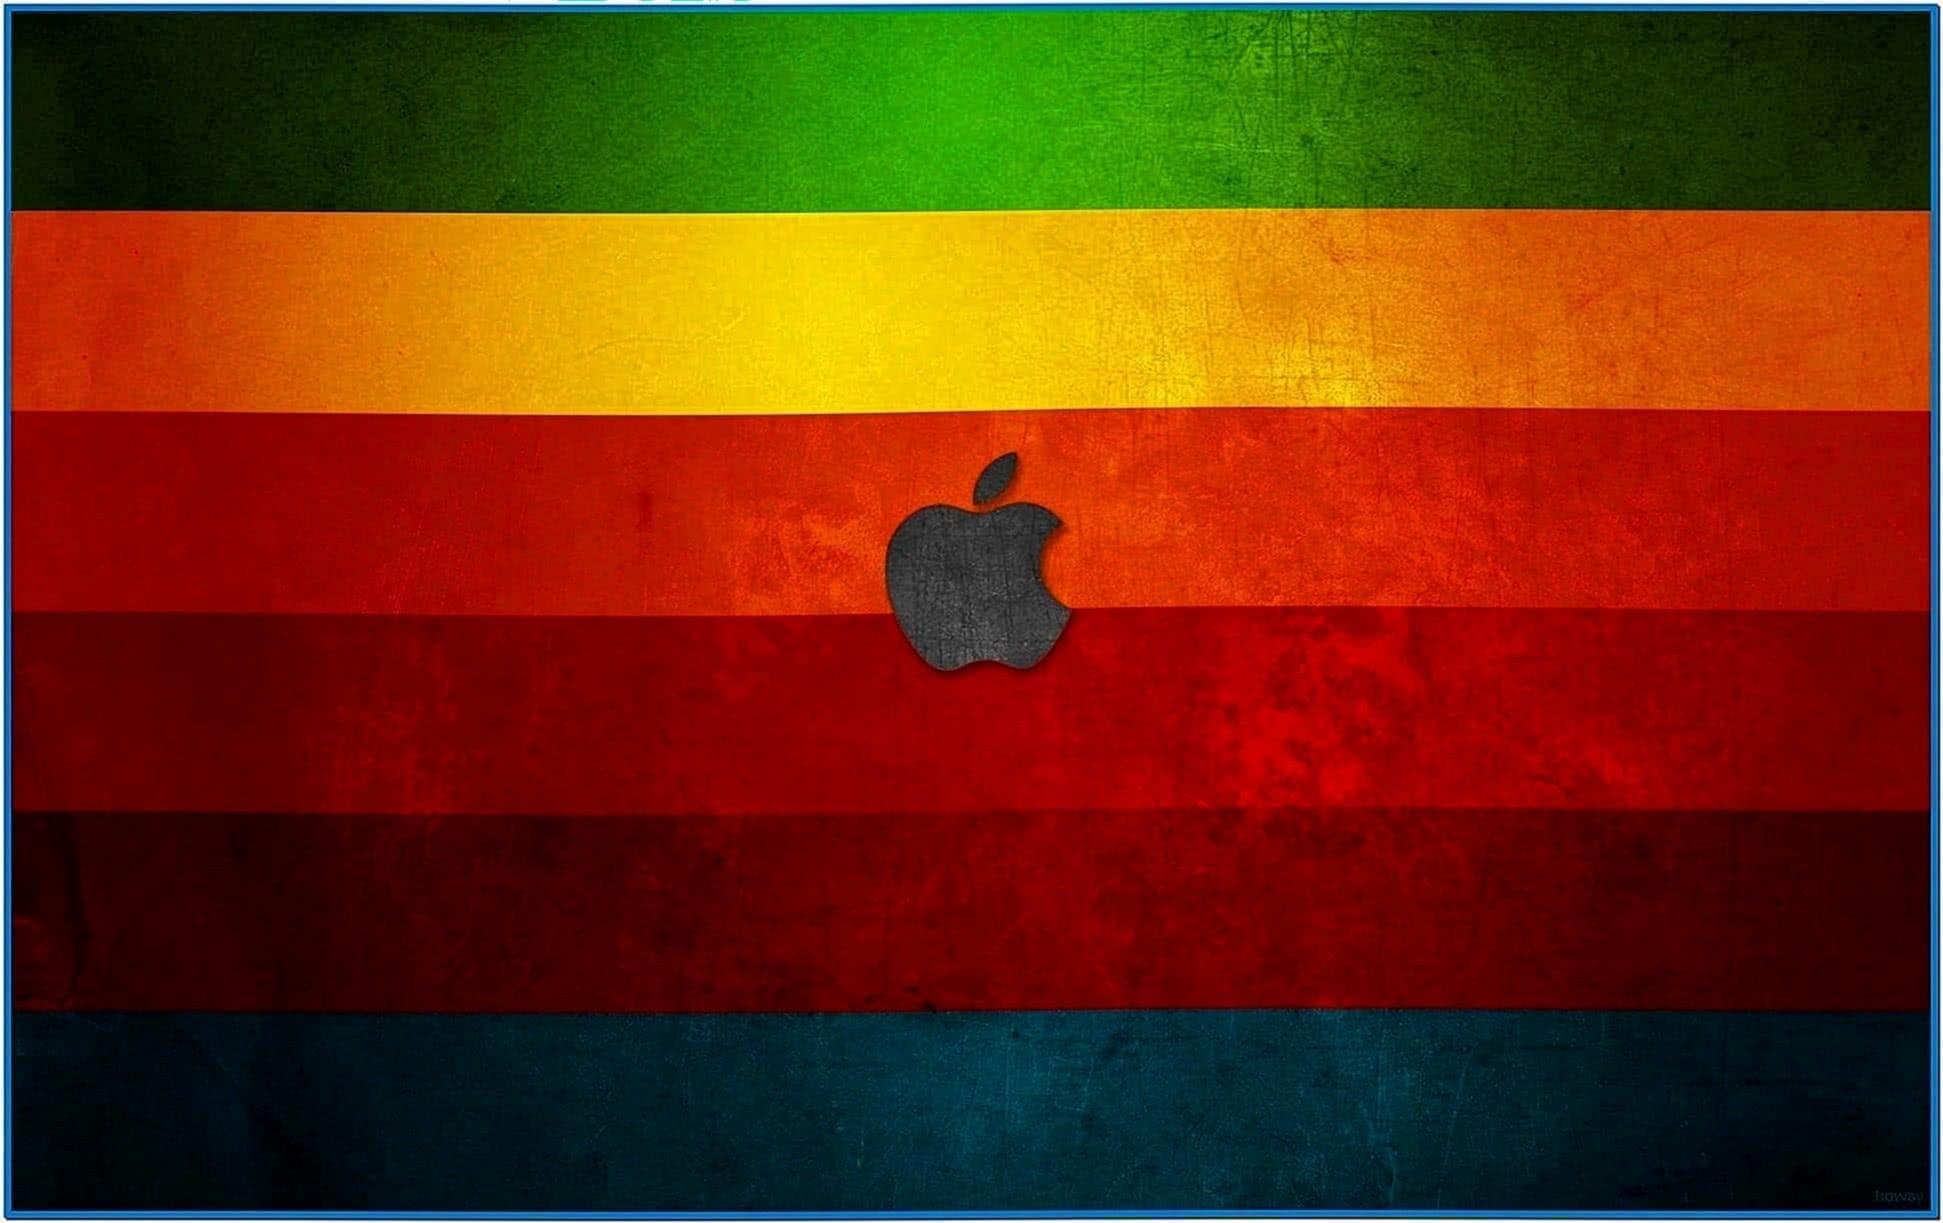 Screensaver for Apple